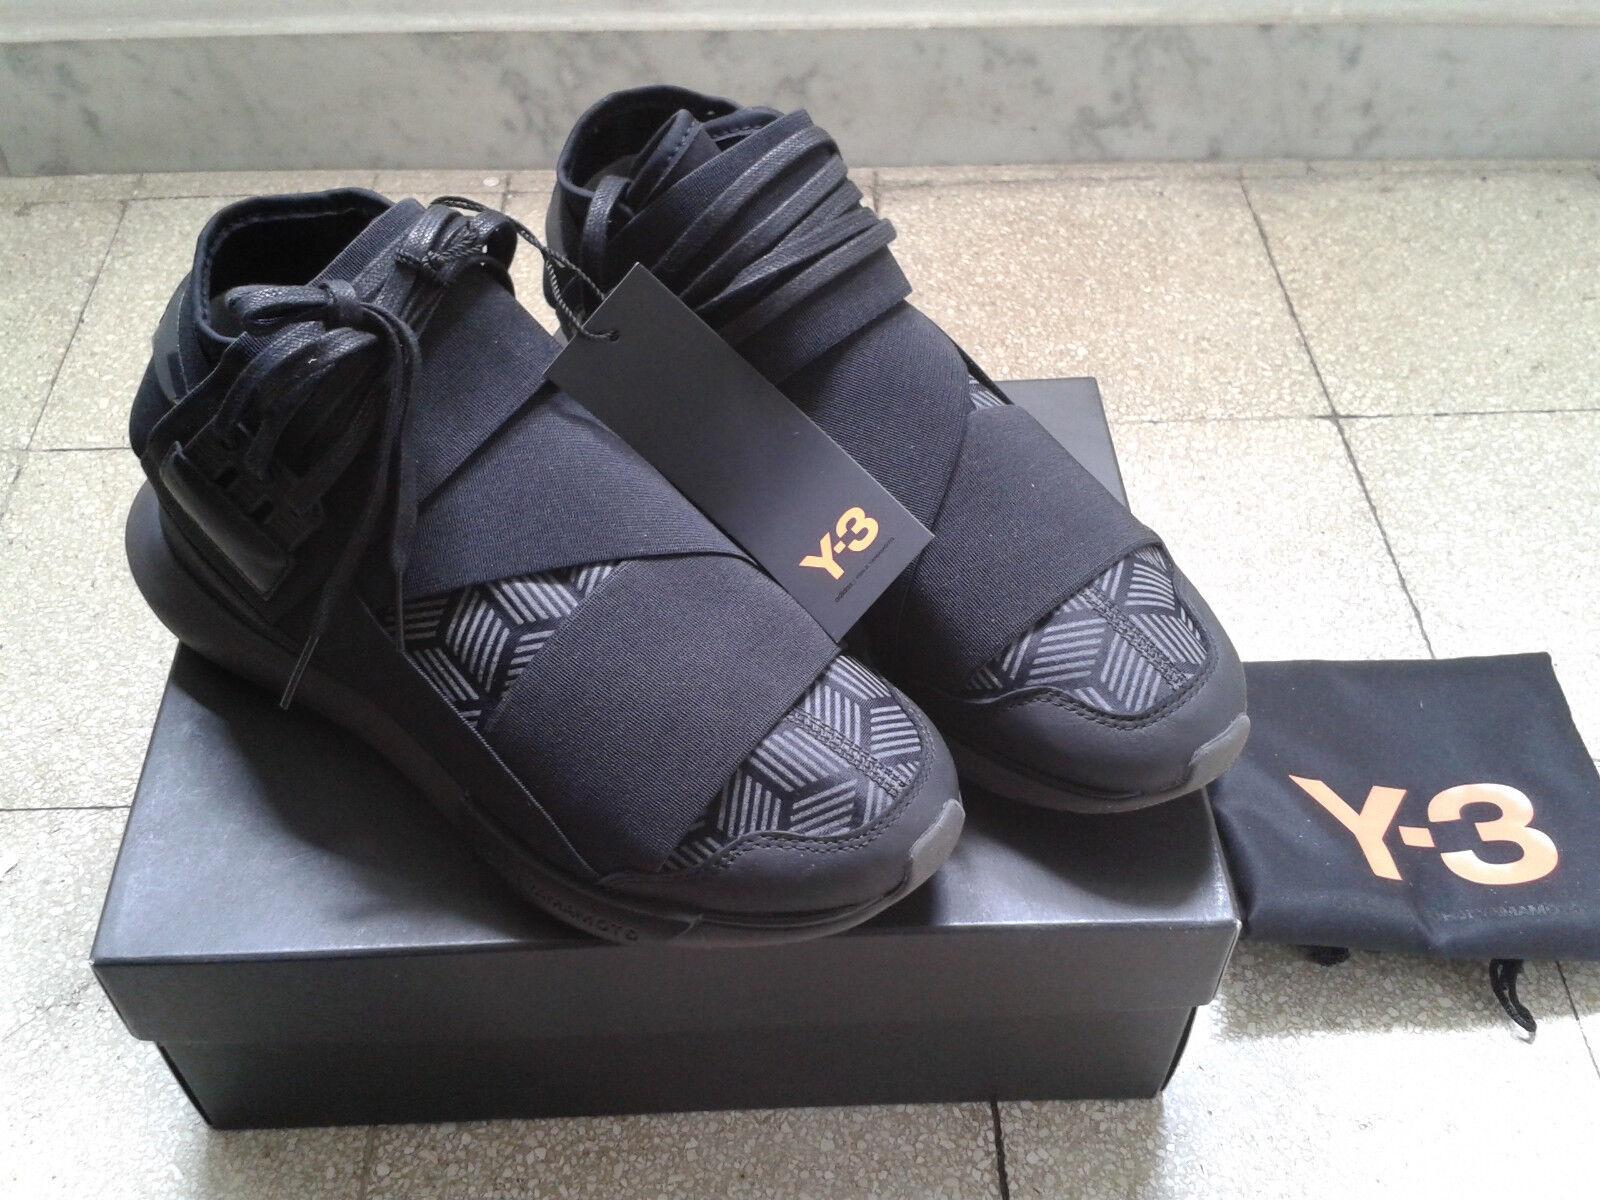 new styles 83fe4 386c2 ... Adidas Y-3 Qasa High Primeknit Yamamoto S82123 nuove mai indossate  indossate indossate 4d6cc8 ...